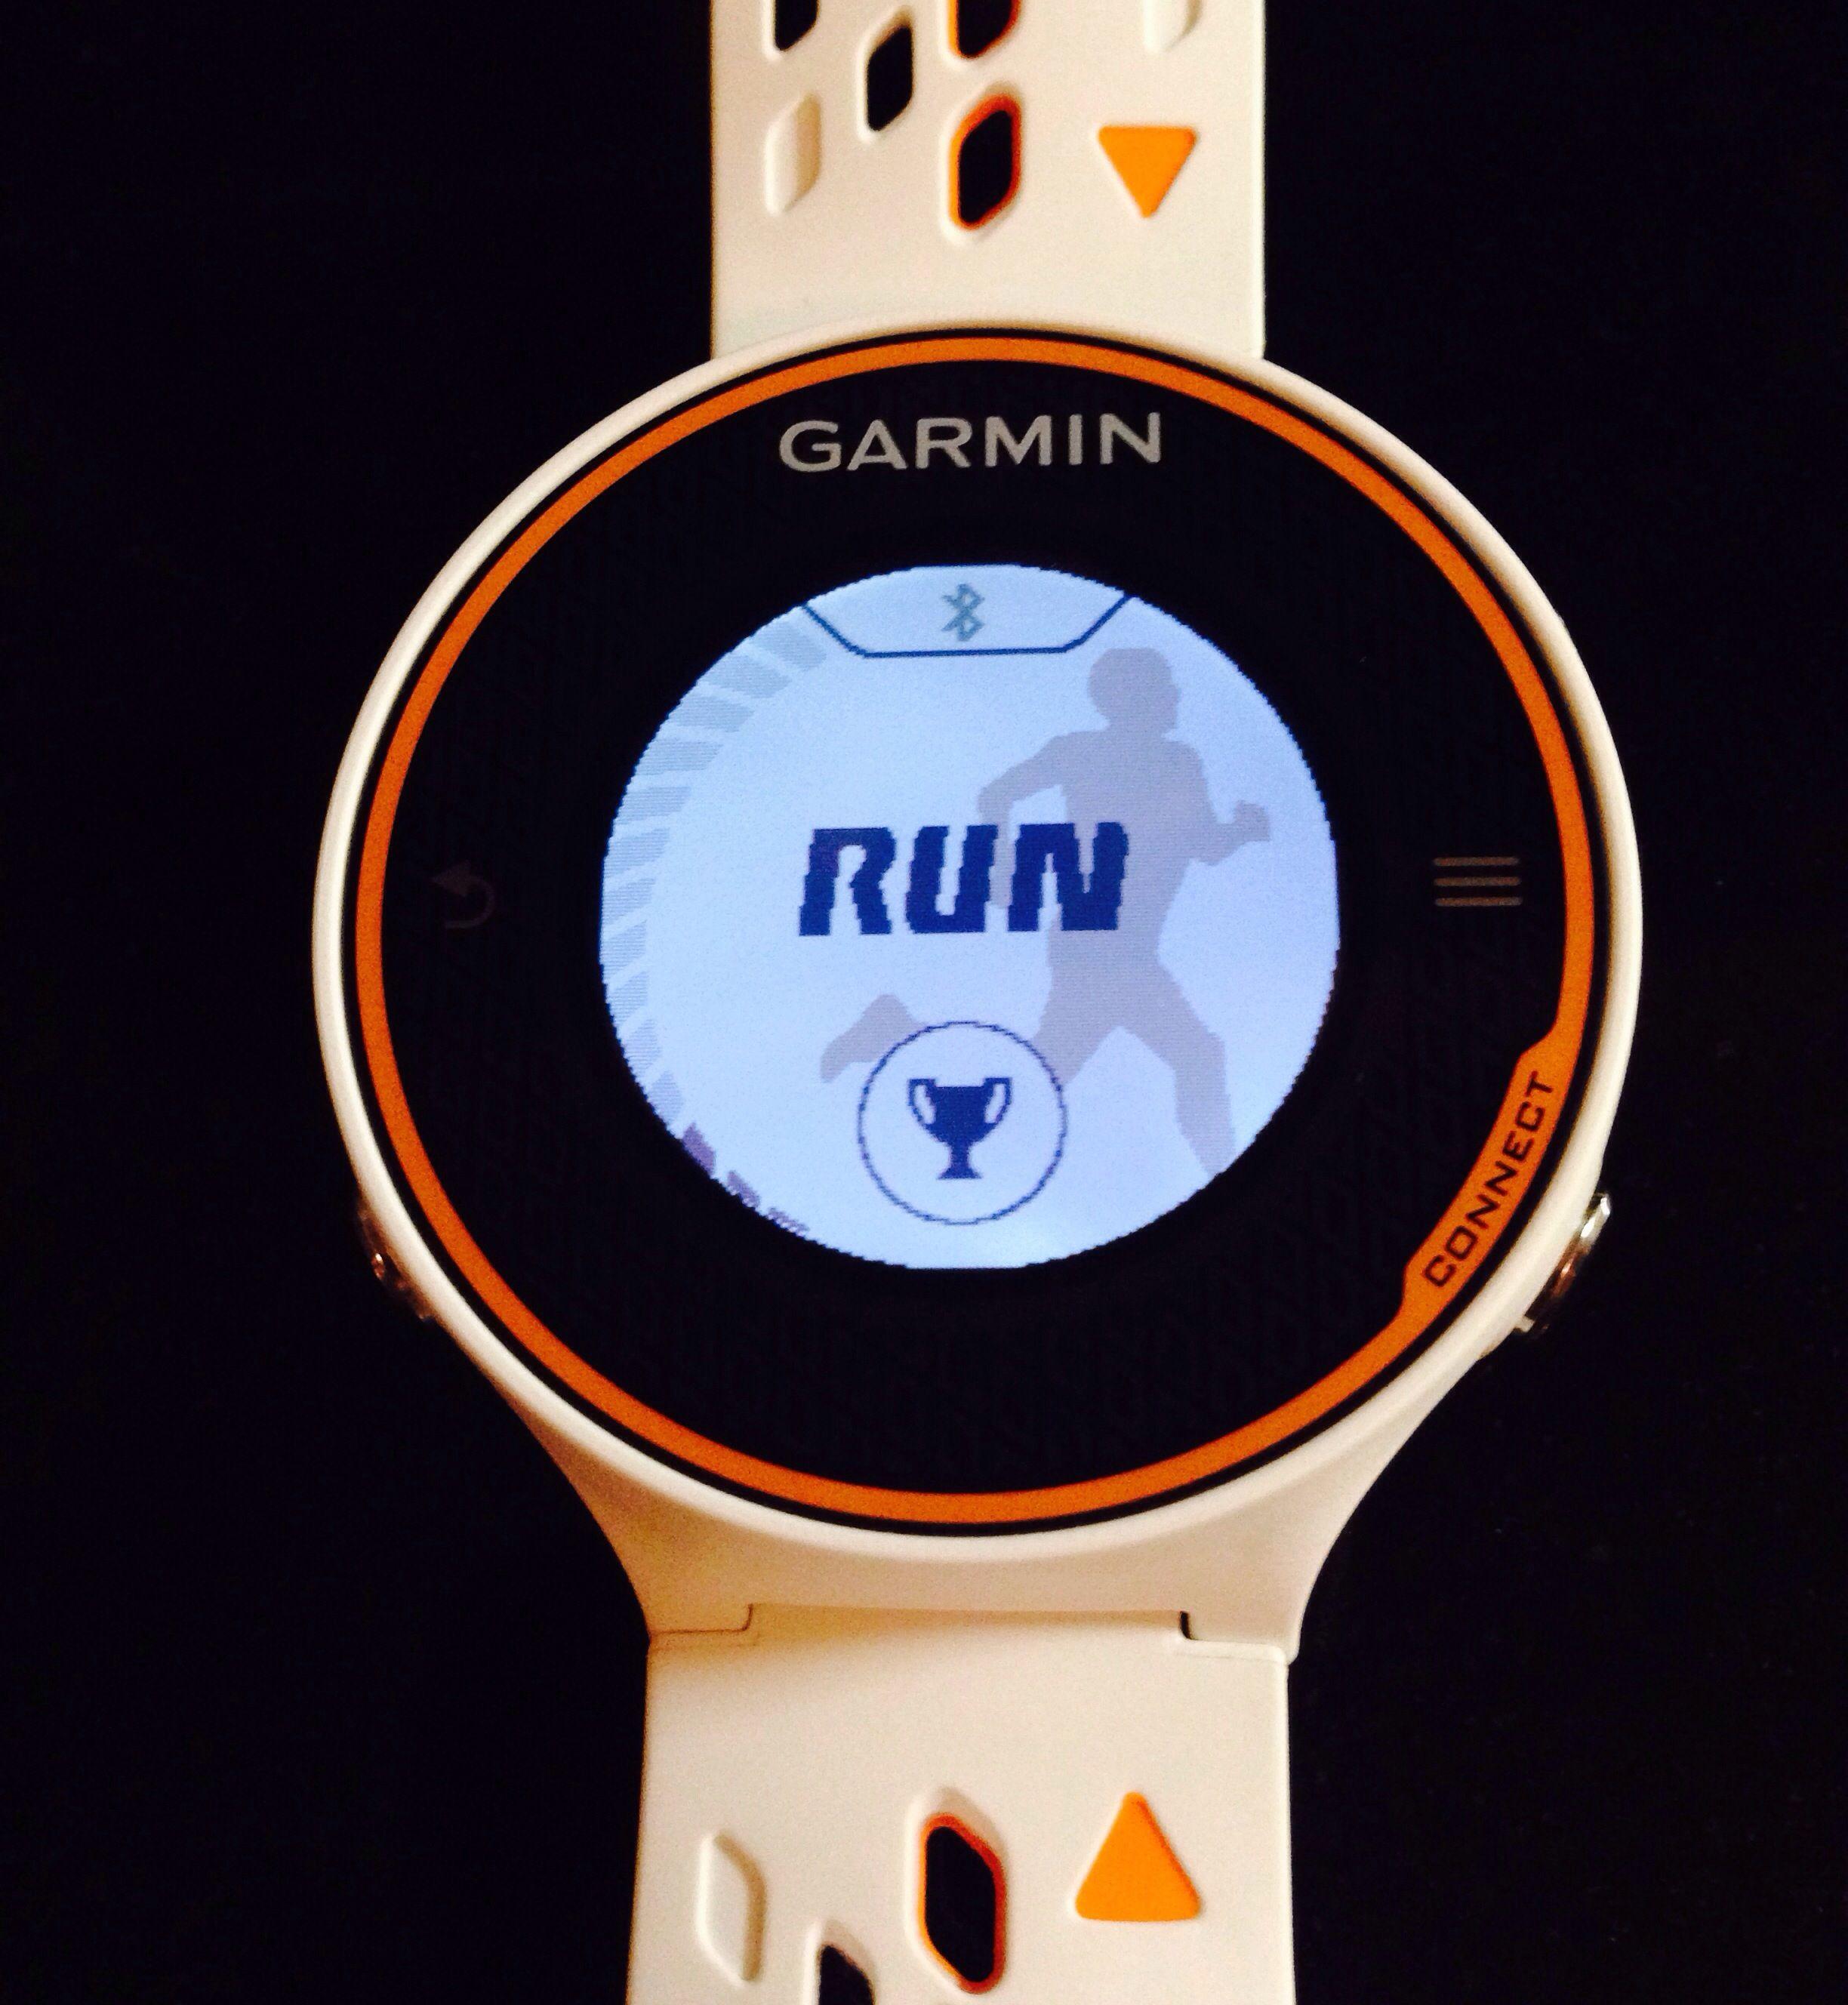 Garmin forerunner 620 gps running watch running watch